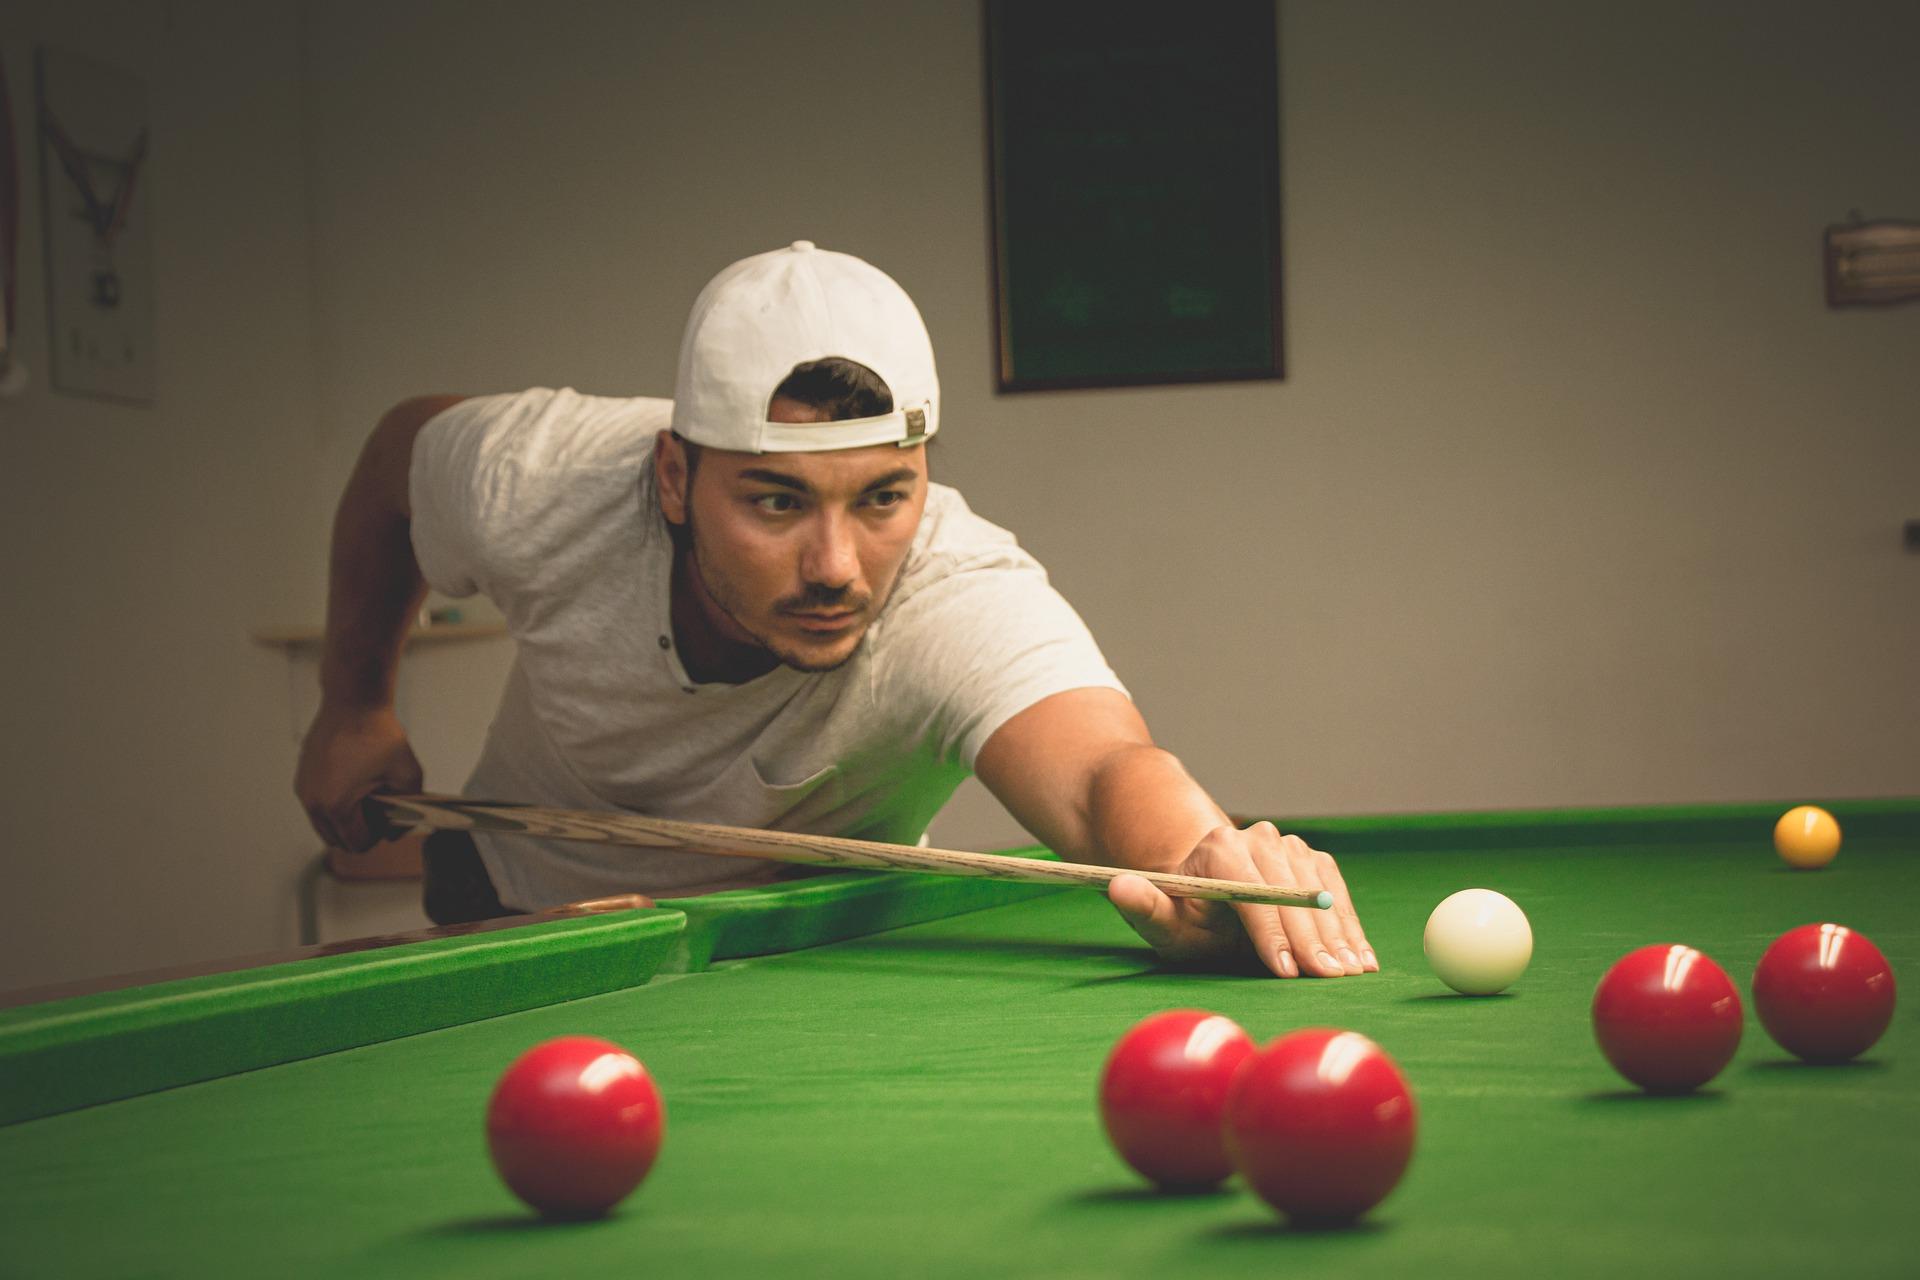 Snooker handicaps